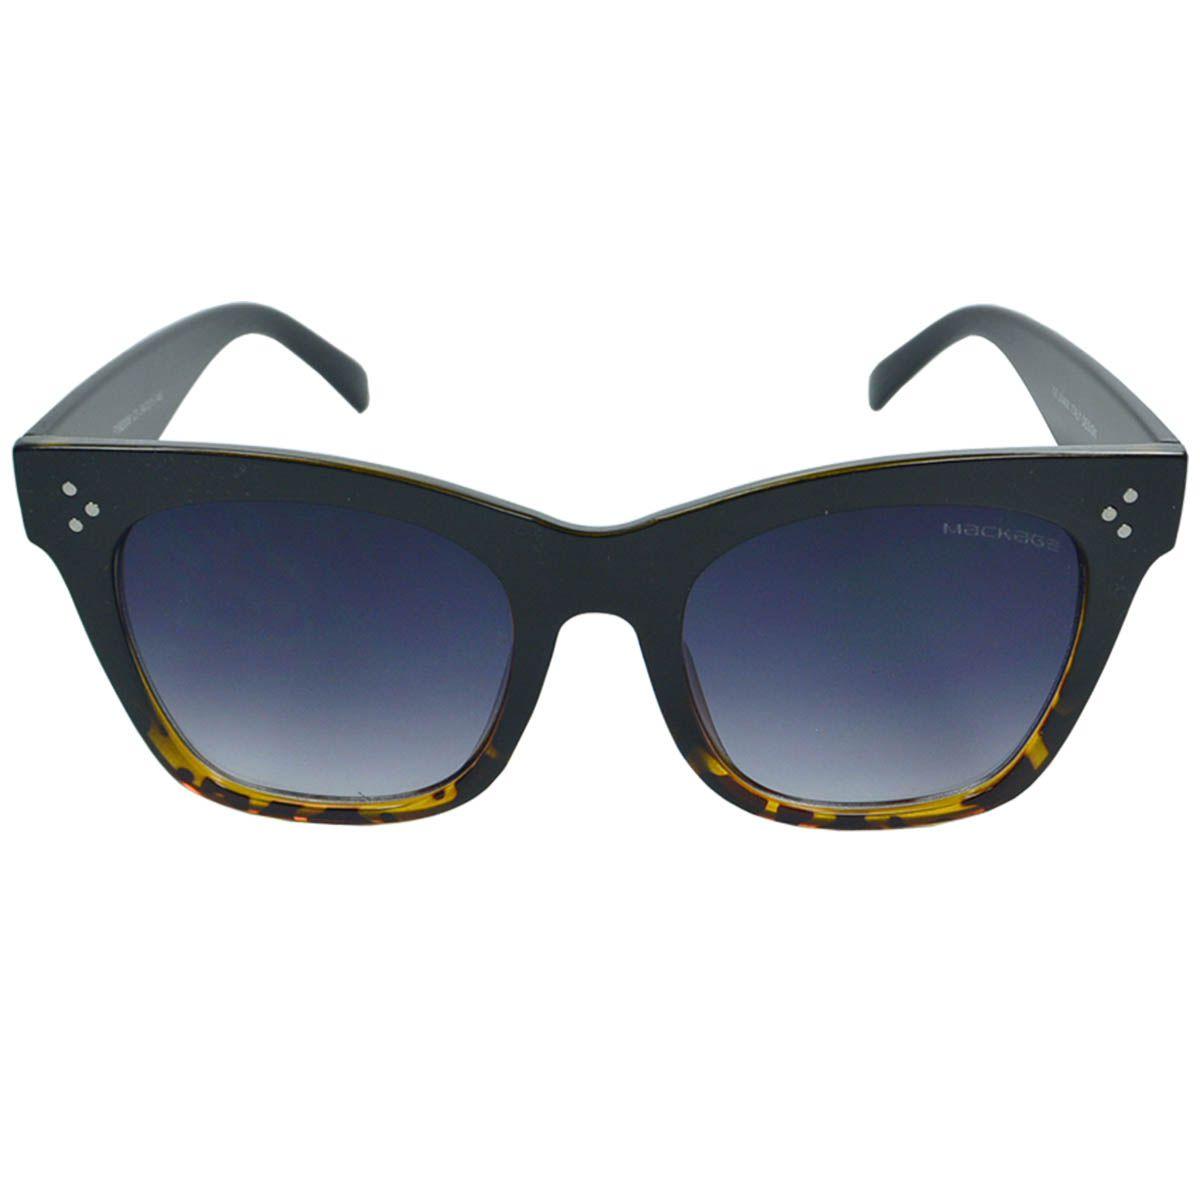 807286b37 ... Óculos de Sol Feminino Mackage MK82006 - Mackage